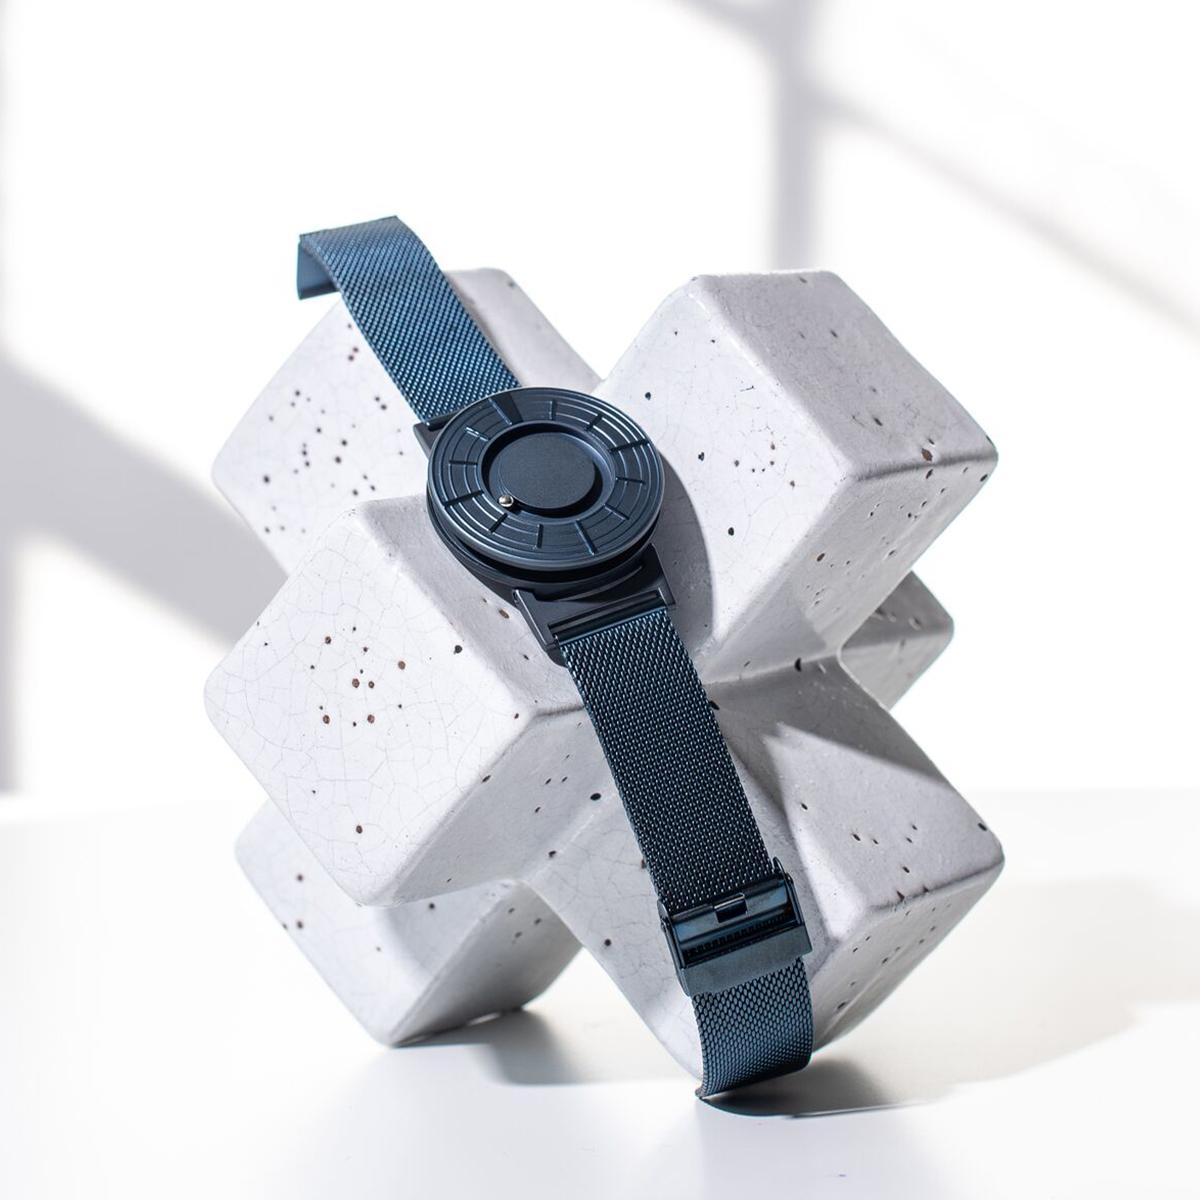 日常のあたり前を見つめ直し、固定観念を捨てて問題解決に取り組み、行き着いたデザイン。「針」がない「触る時計」| EONE(COSMOS)